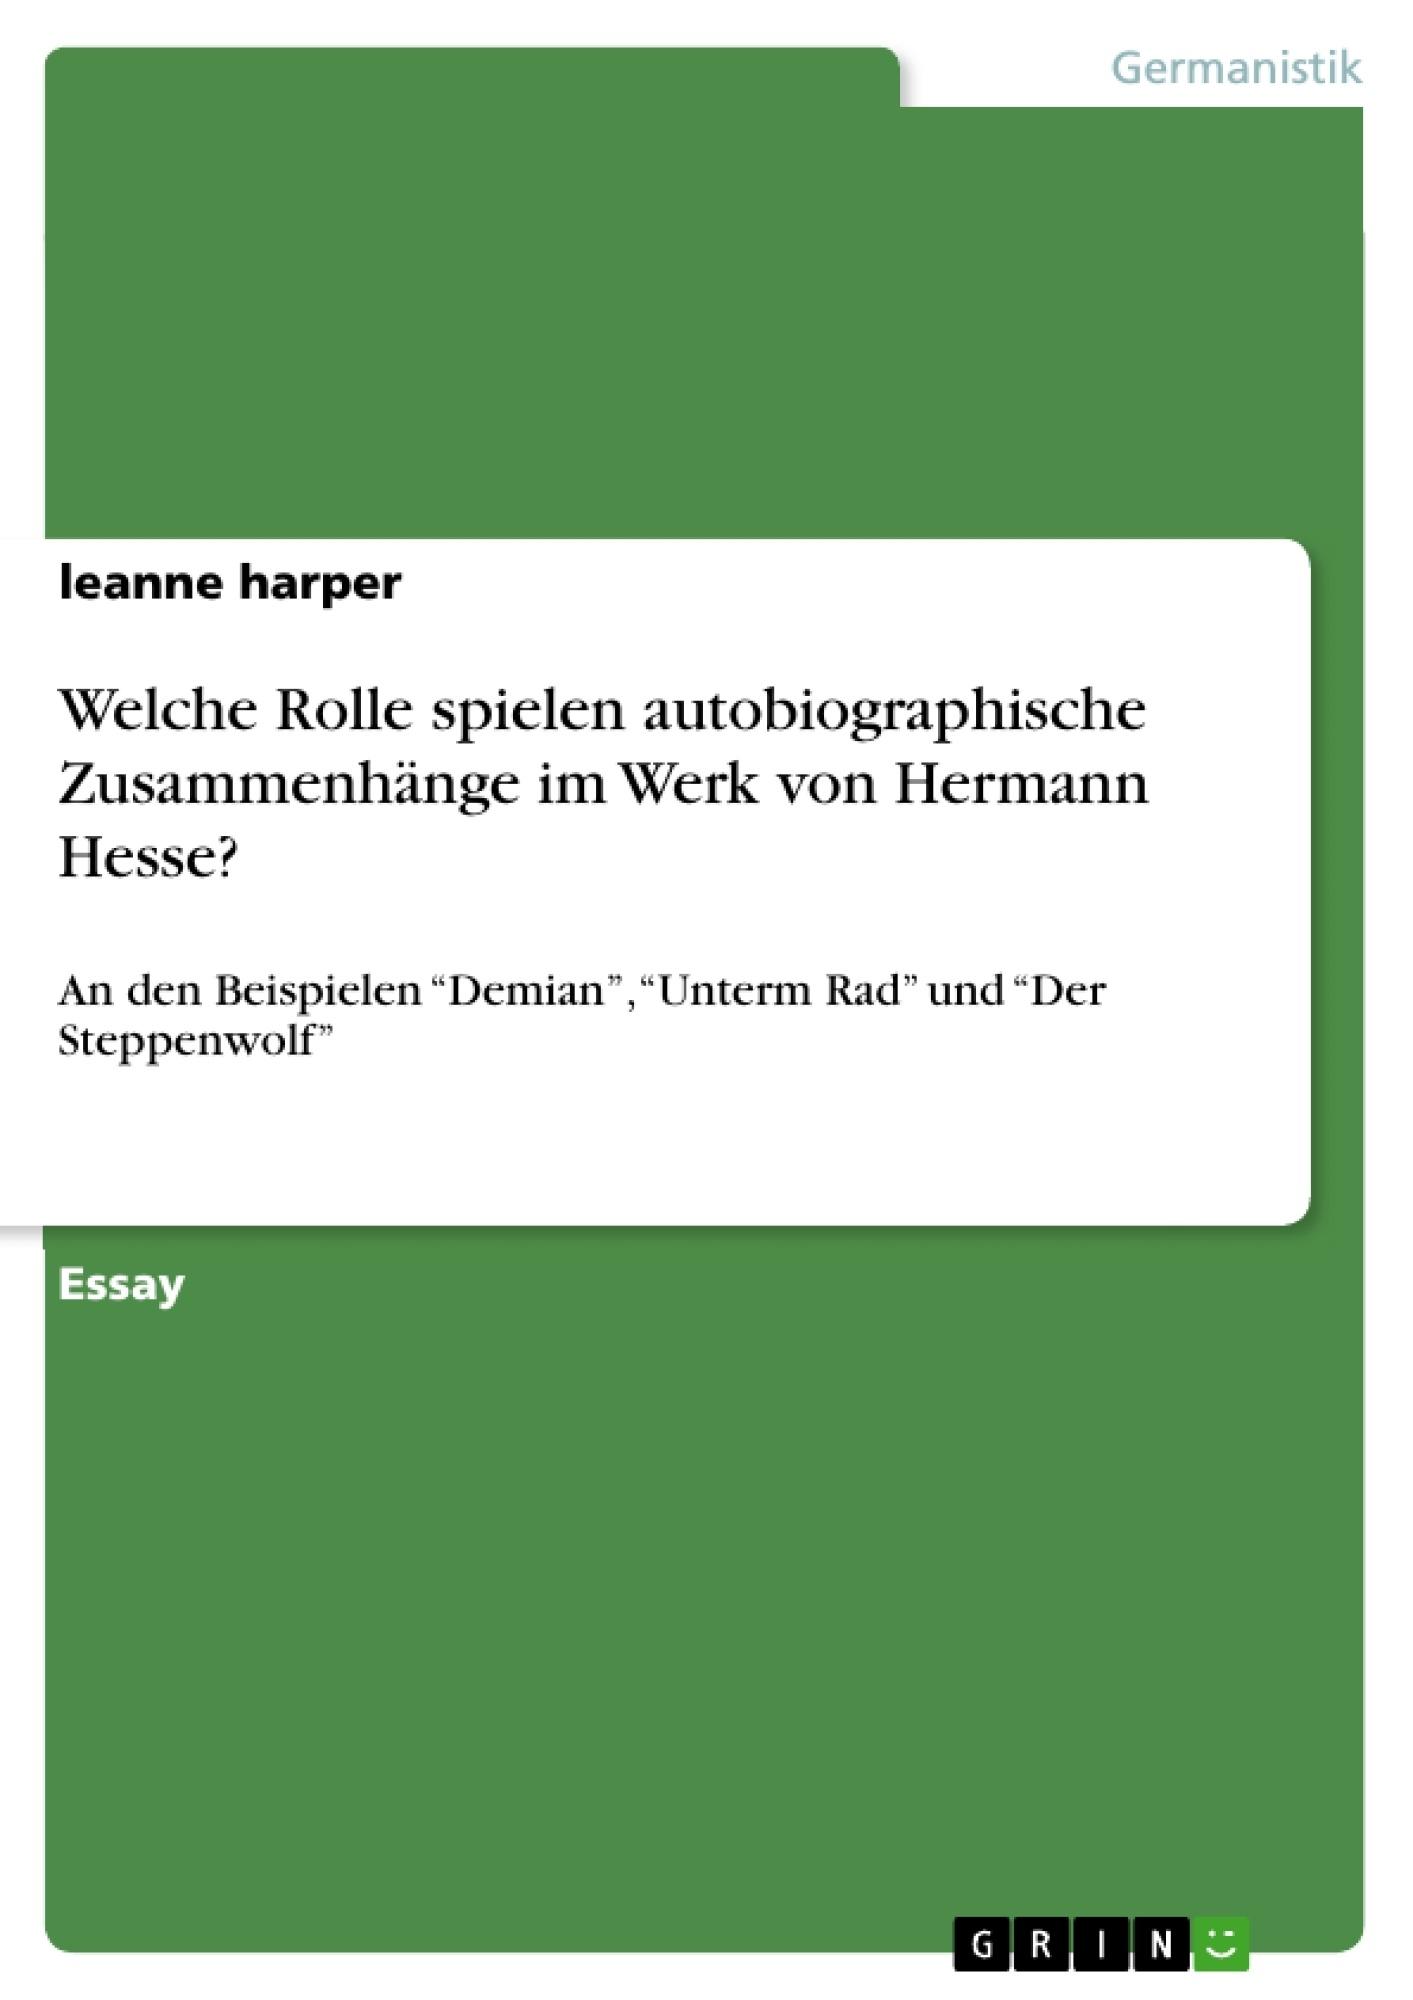 Titel: Welche Rolle spielen autobiographische Zusammenhänge im Werk von Hermann Hesse?